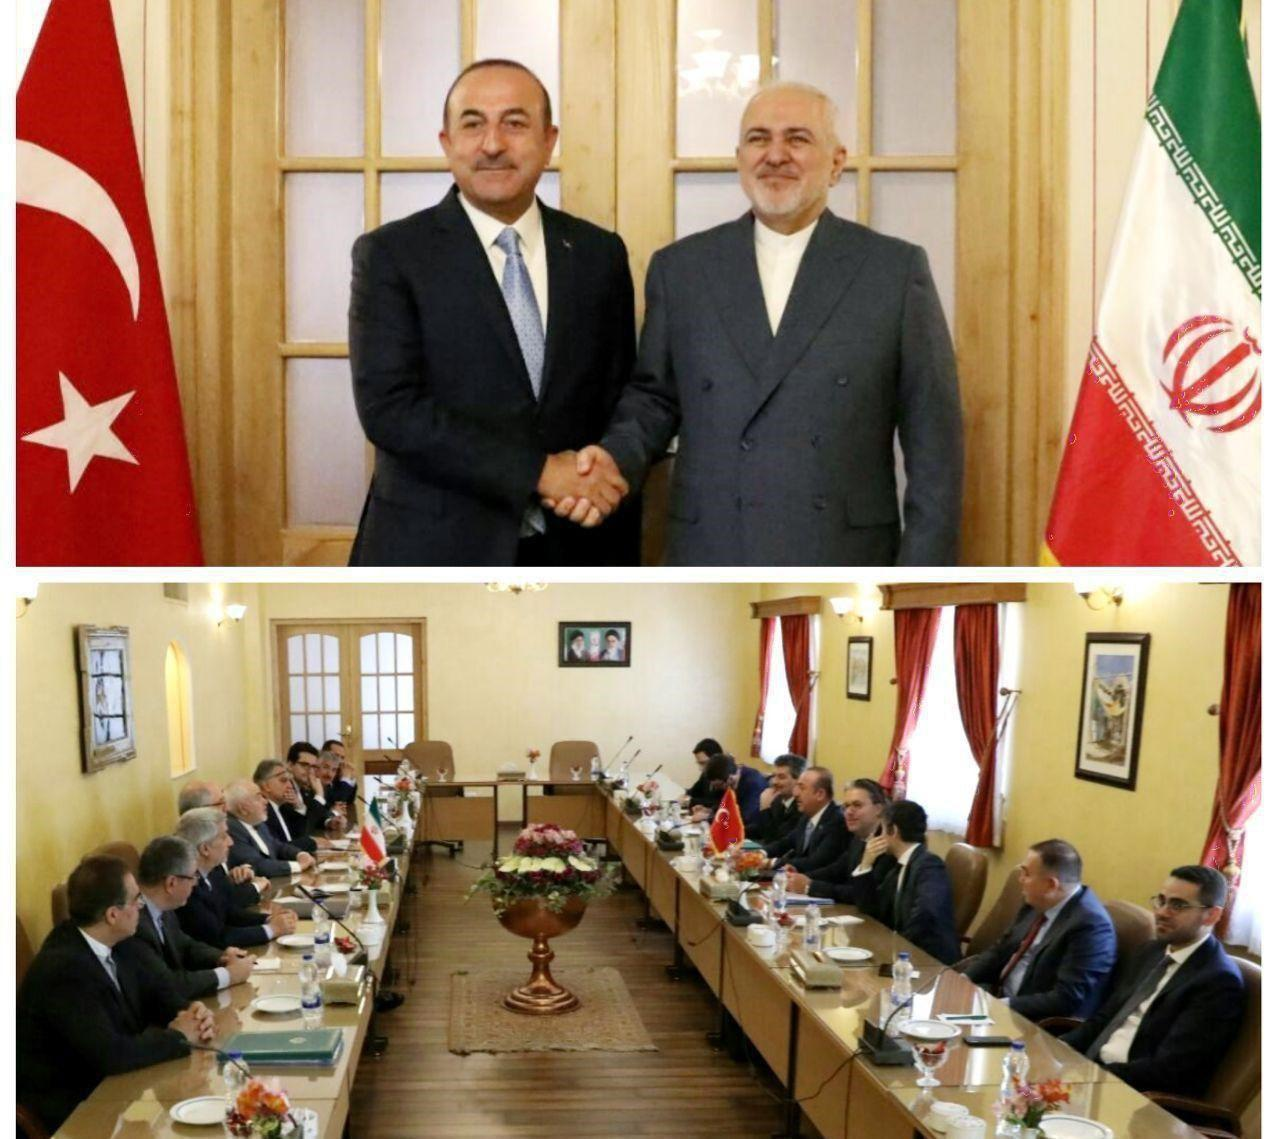 دیدار وزیران خارجه ایران و ترکیه در اصفهان (عکس)